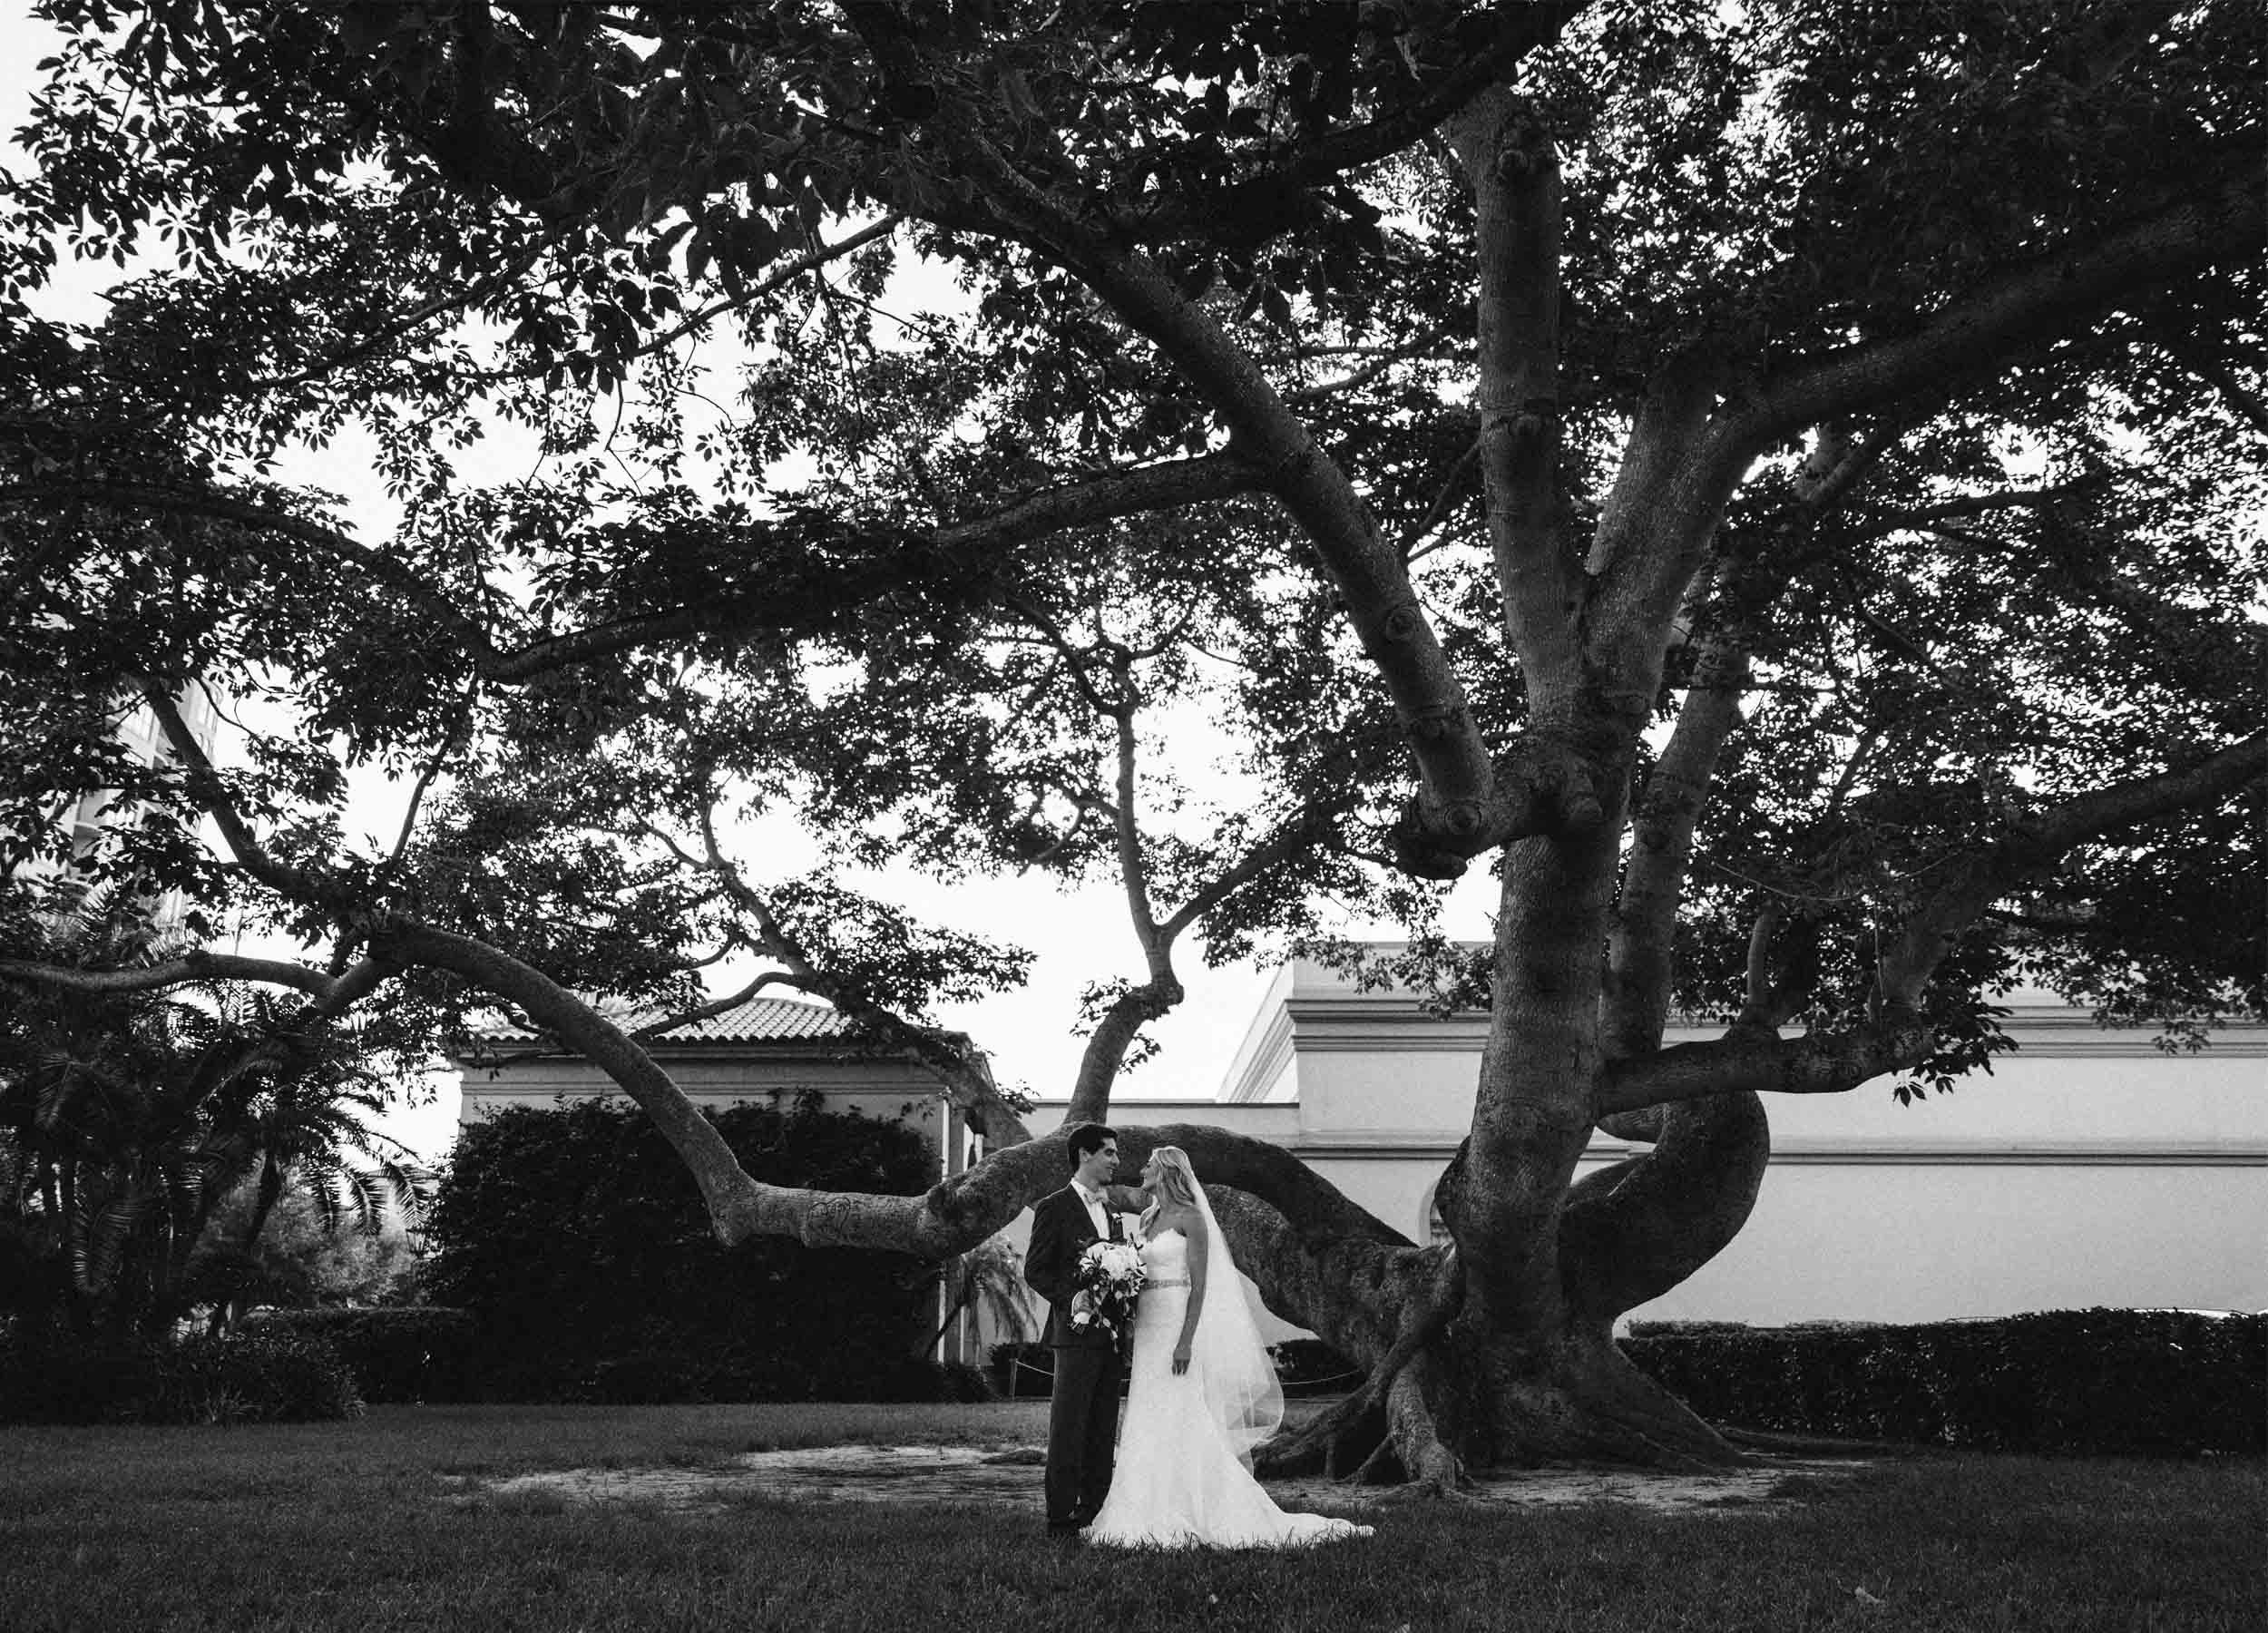 Weddings - our aim is true